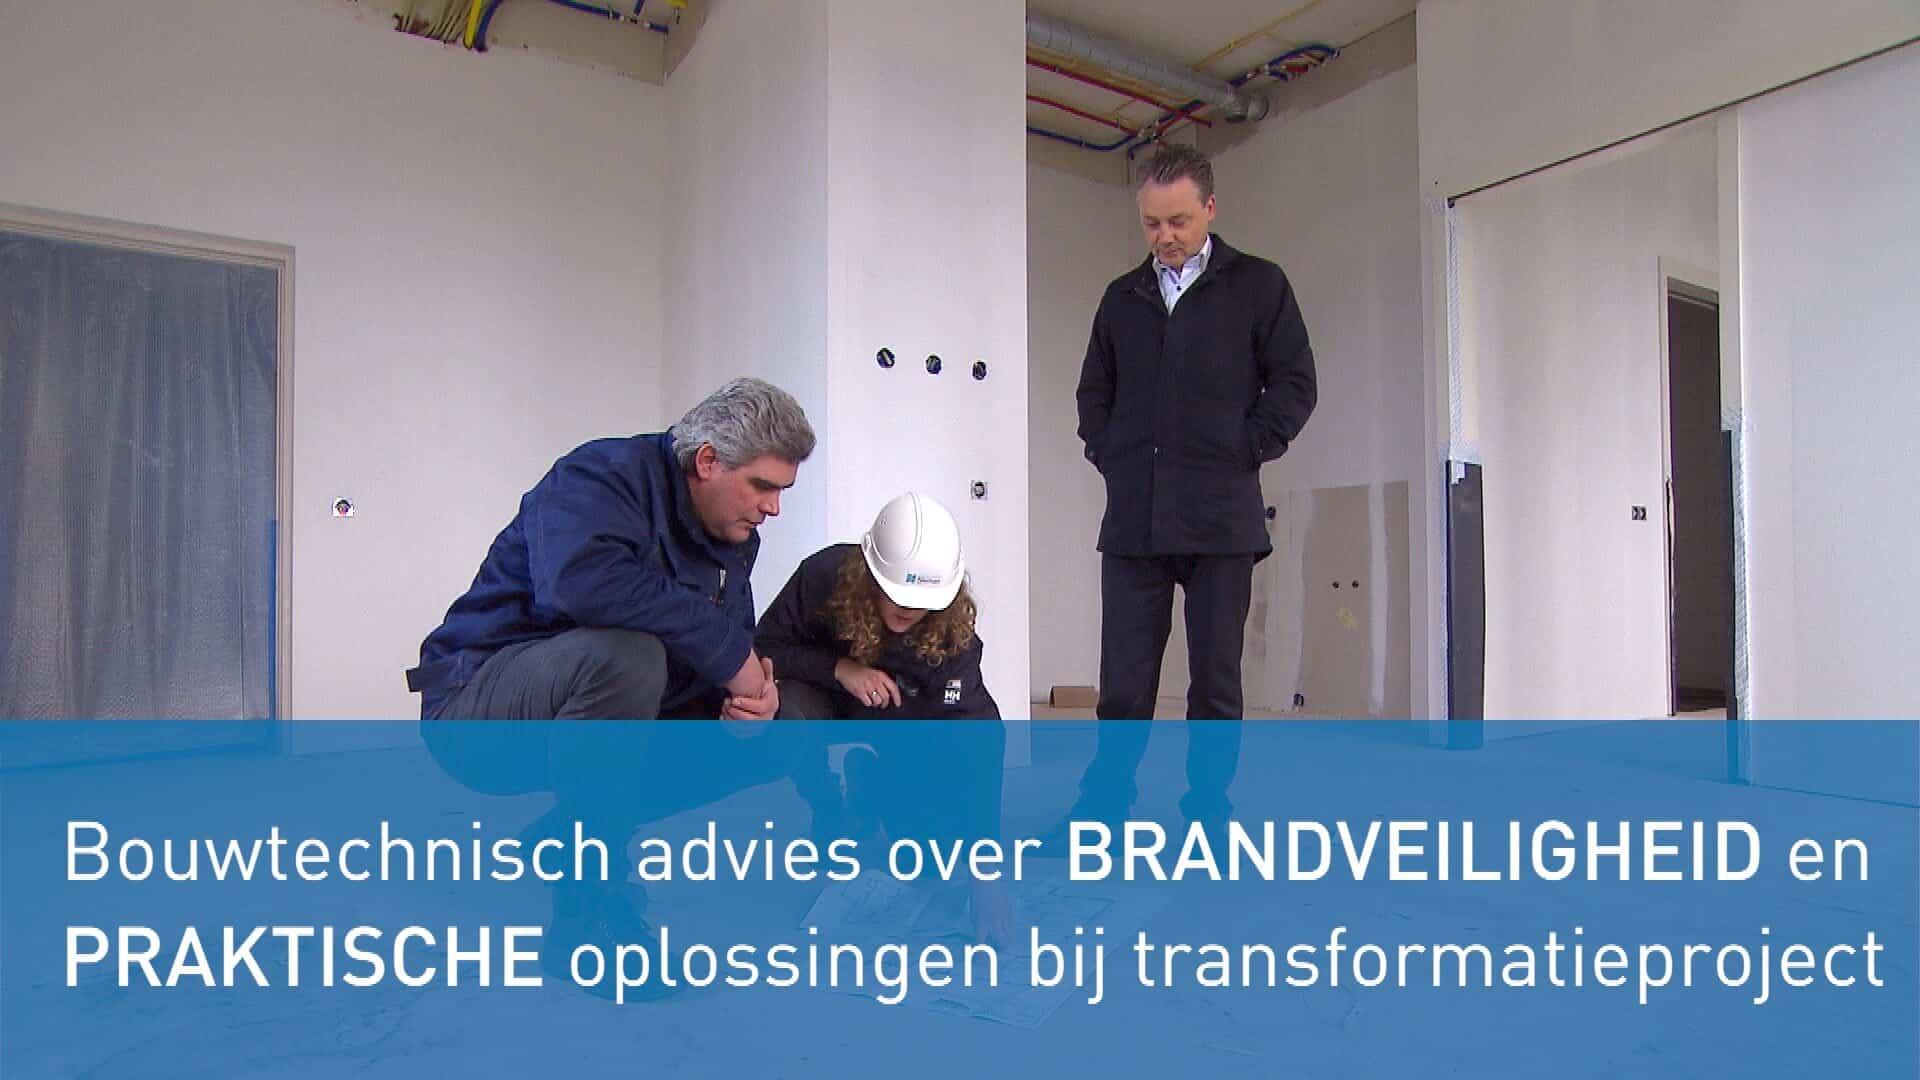 Bouwtechnisch-advies-over-brandveiligheid-bij-transformatie-praktische-oplossingen-3